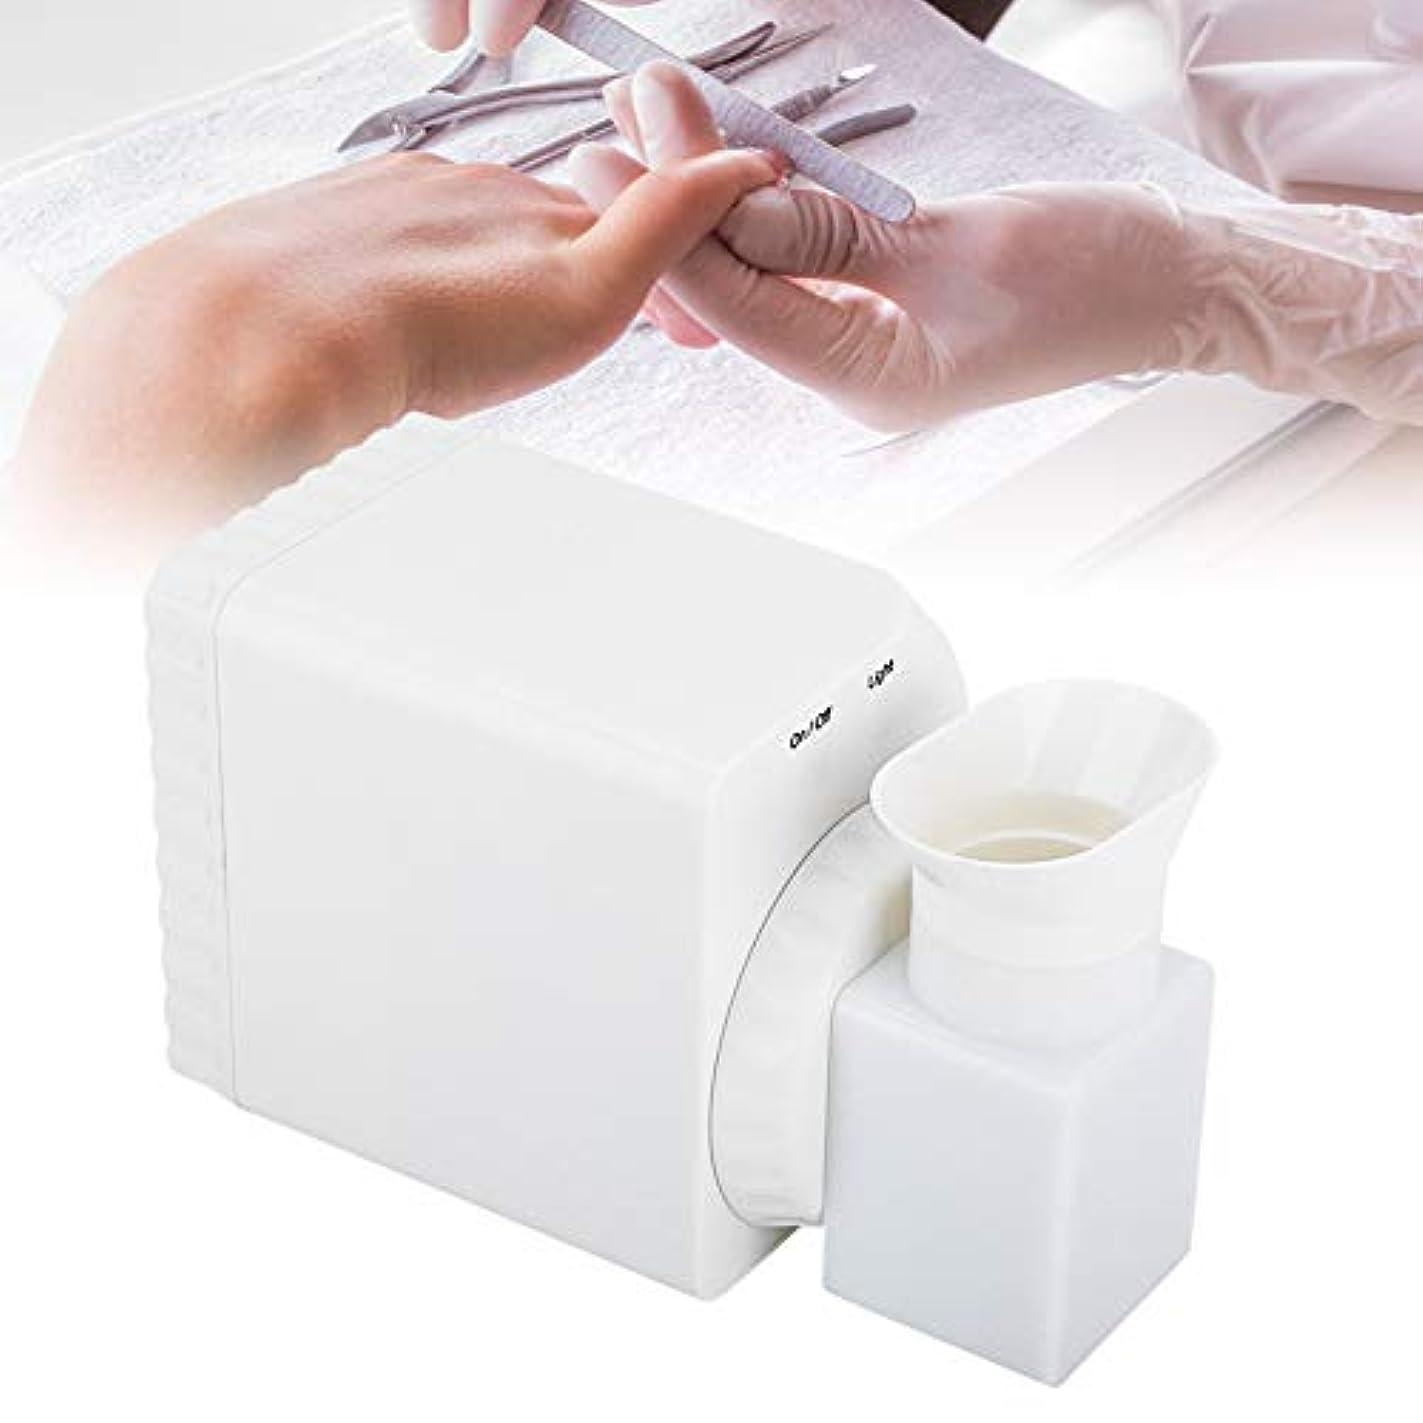 応じる十立場ネイルダストコレクター、強力な吸引ネイルアート掃除機マニキュアツール100-240 vネイルアートソロン(私たち)